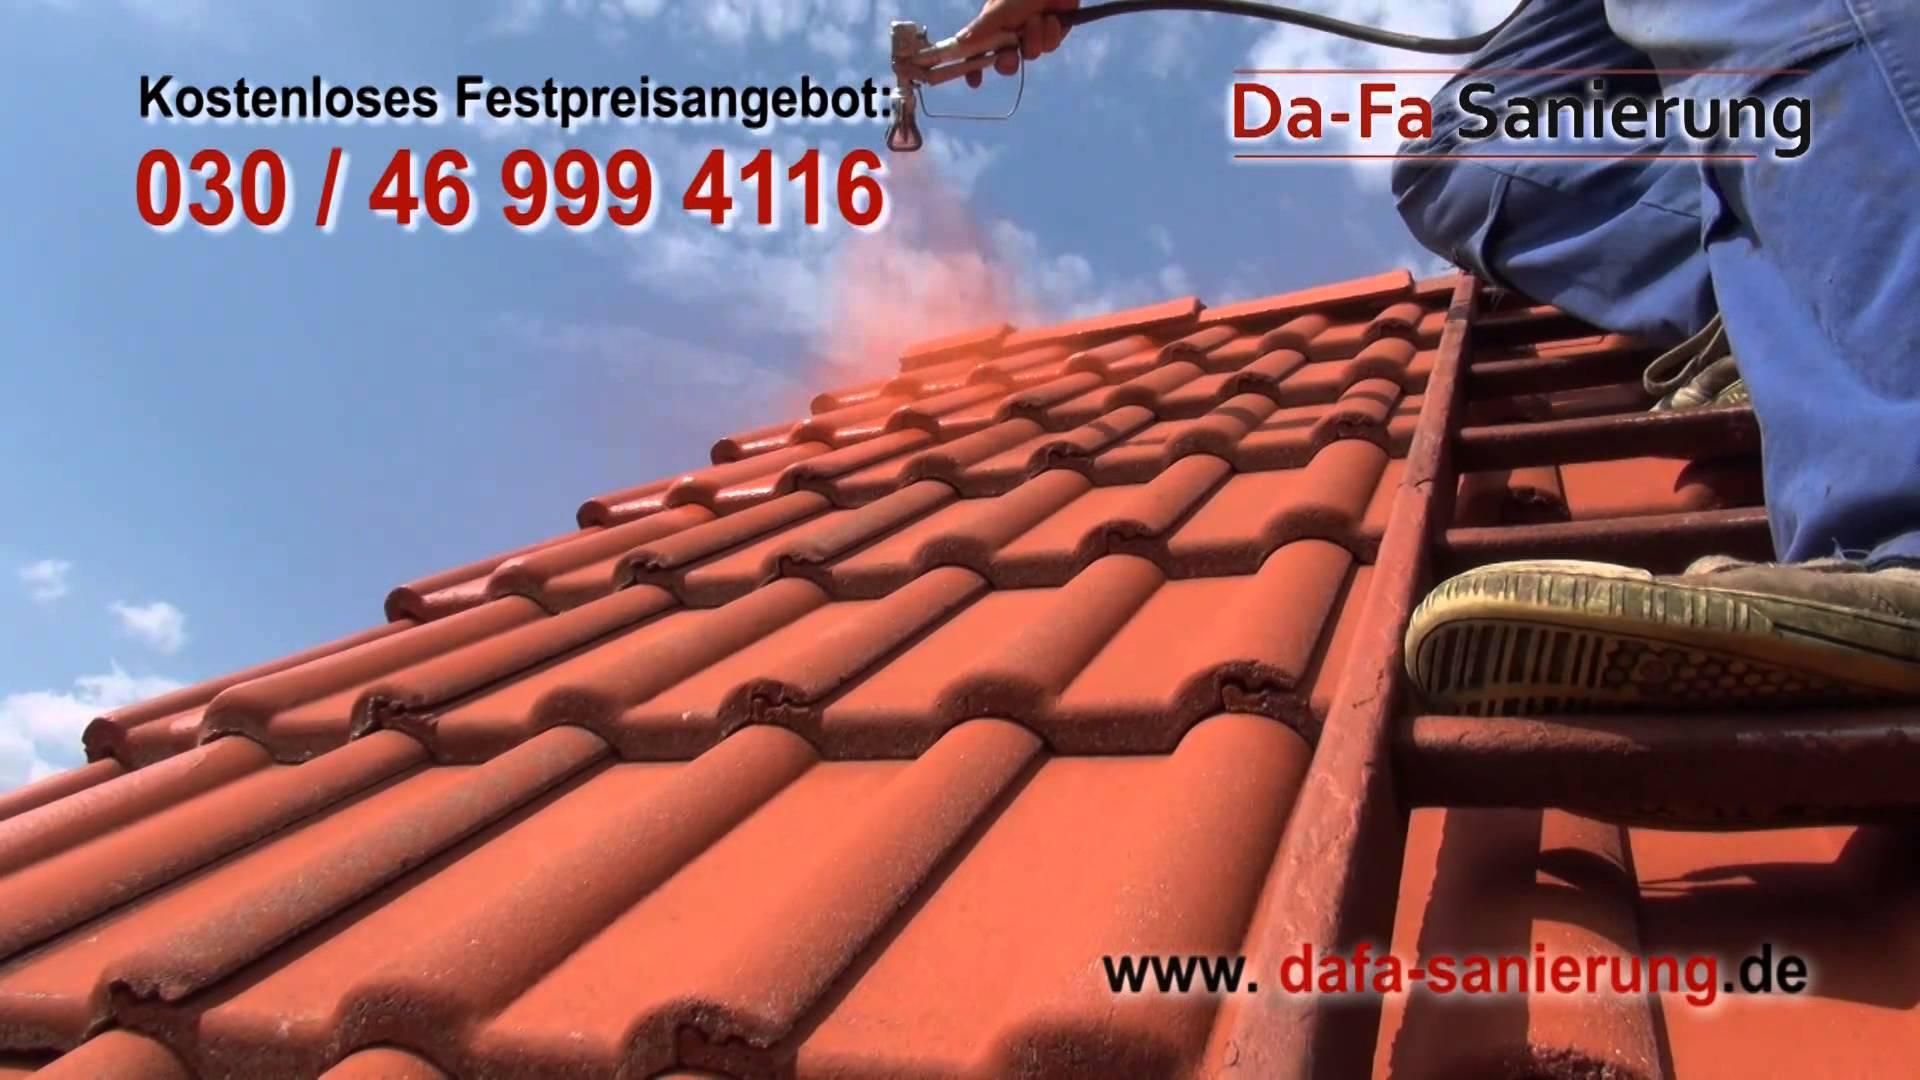 DaFa Dach